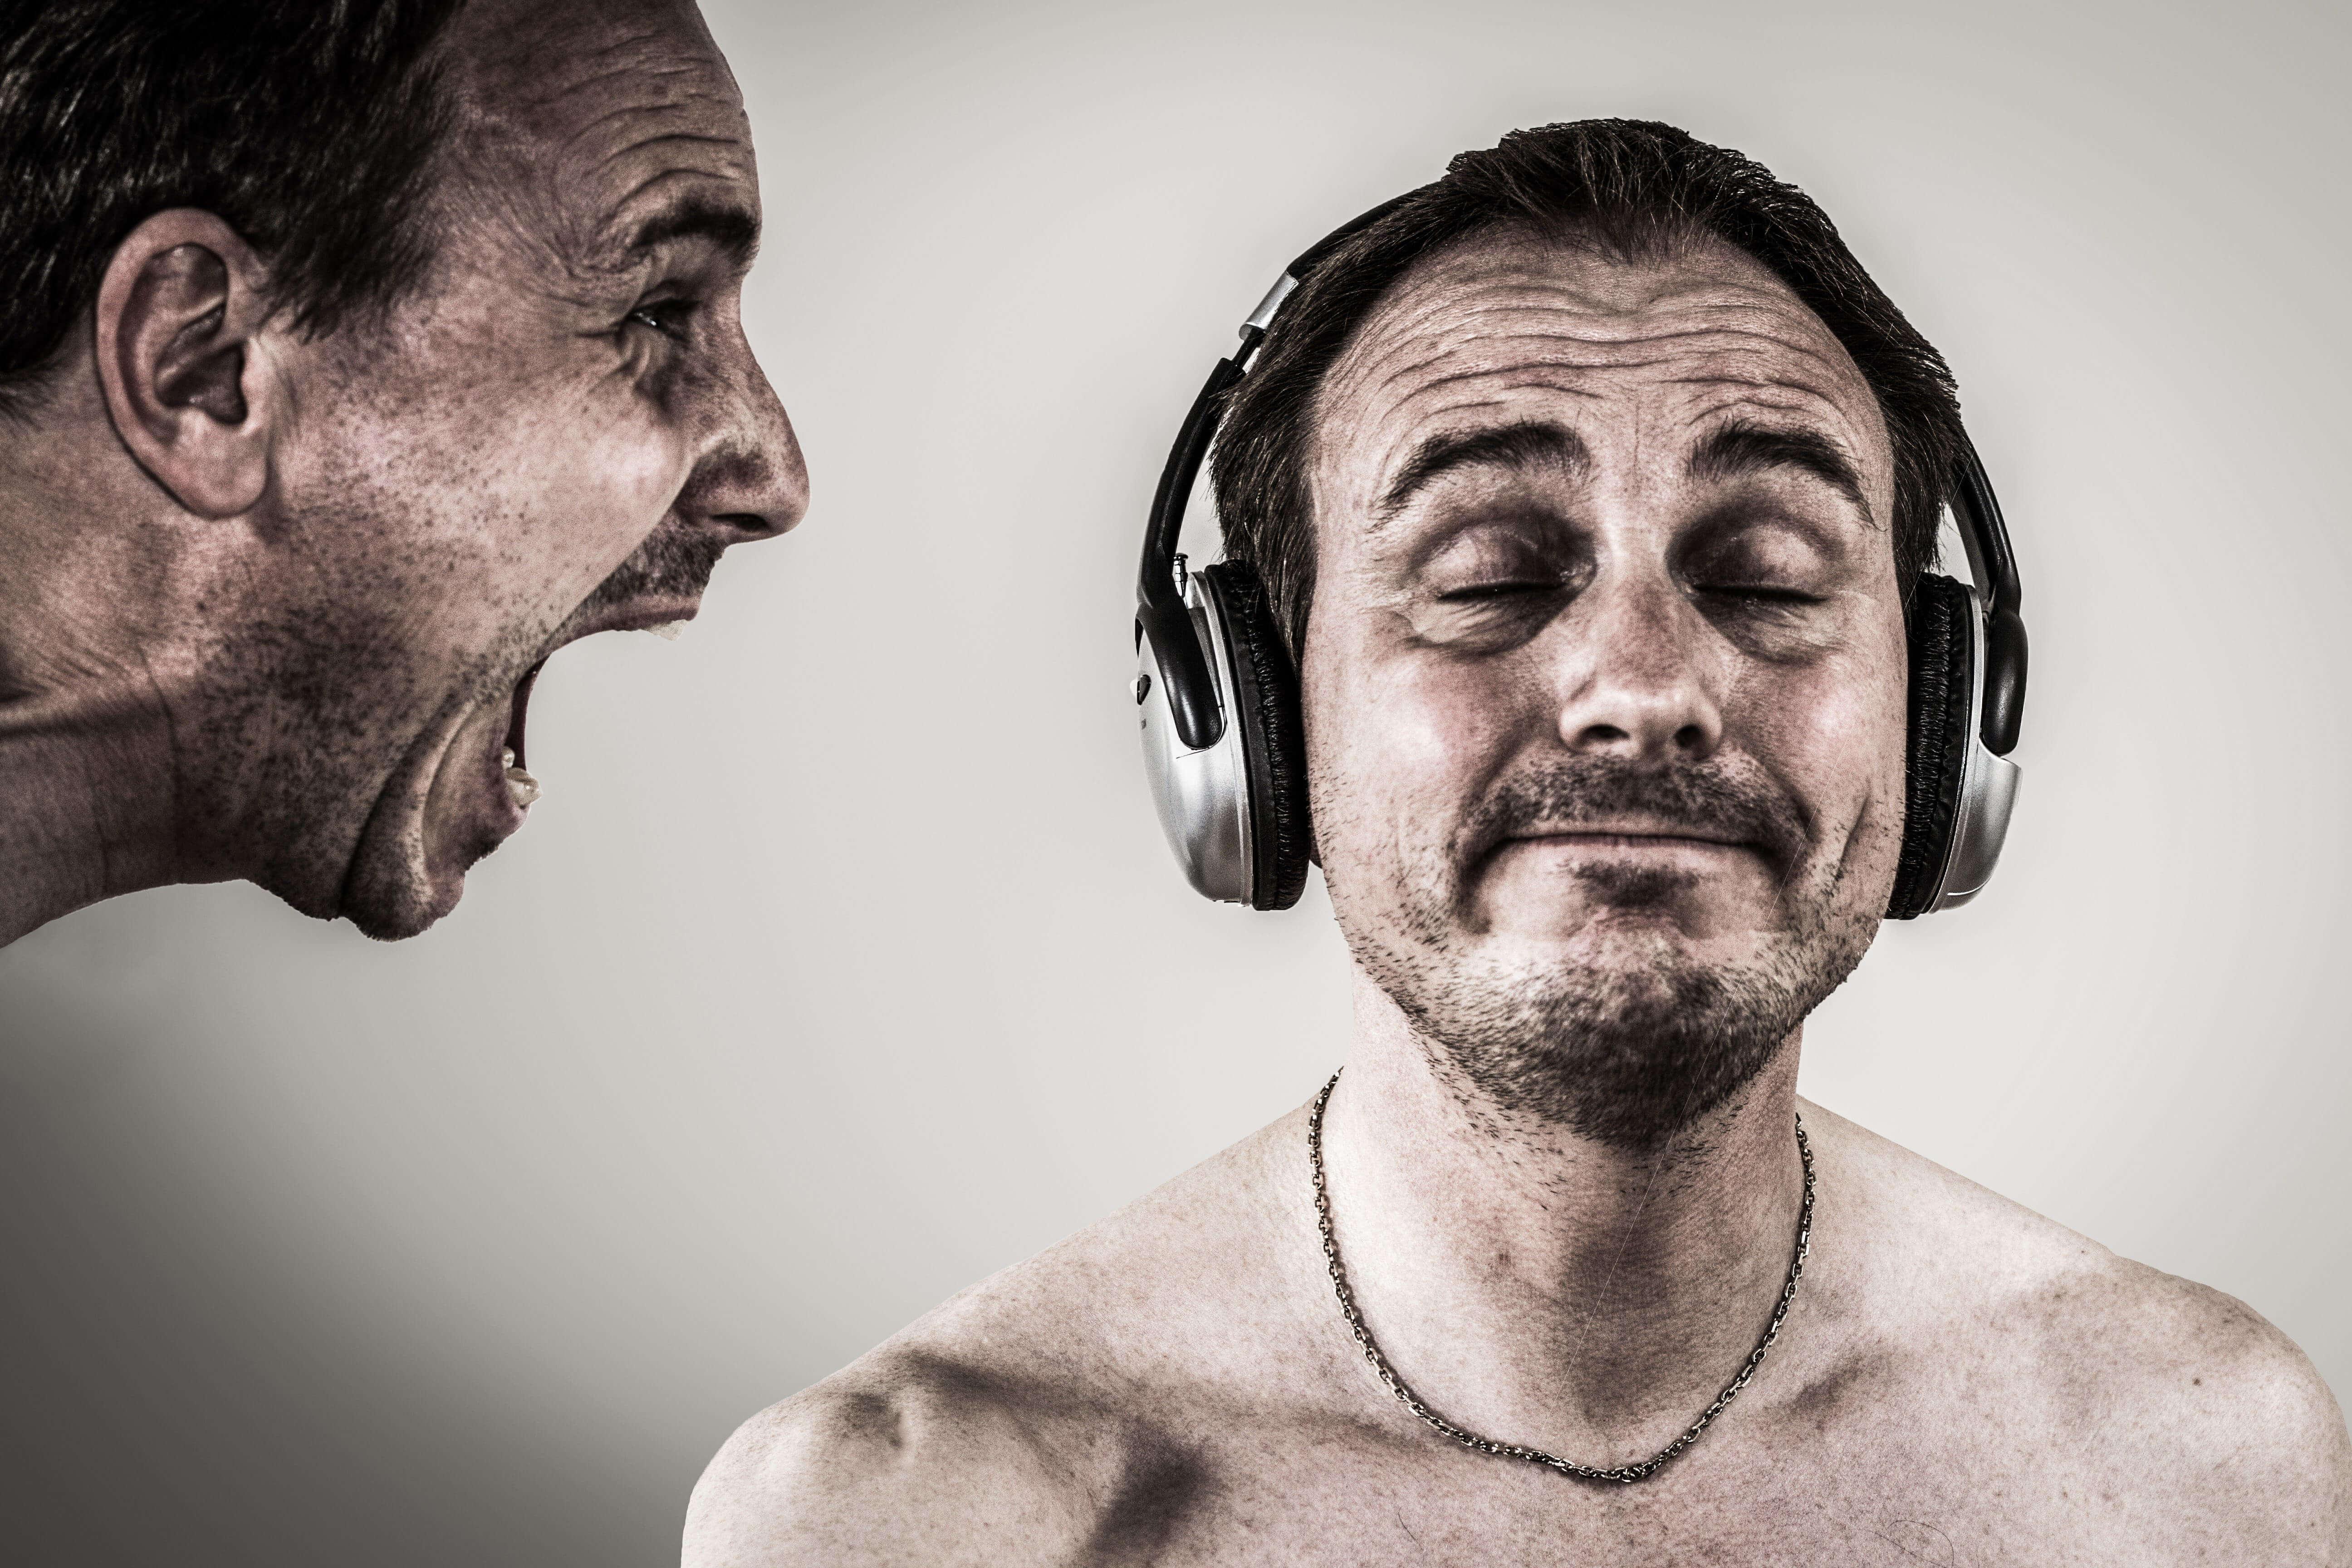 叫ぶ男と、ヘッドホンをしているため聞こえない男